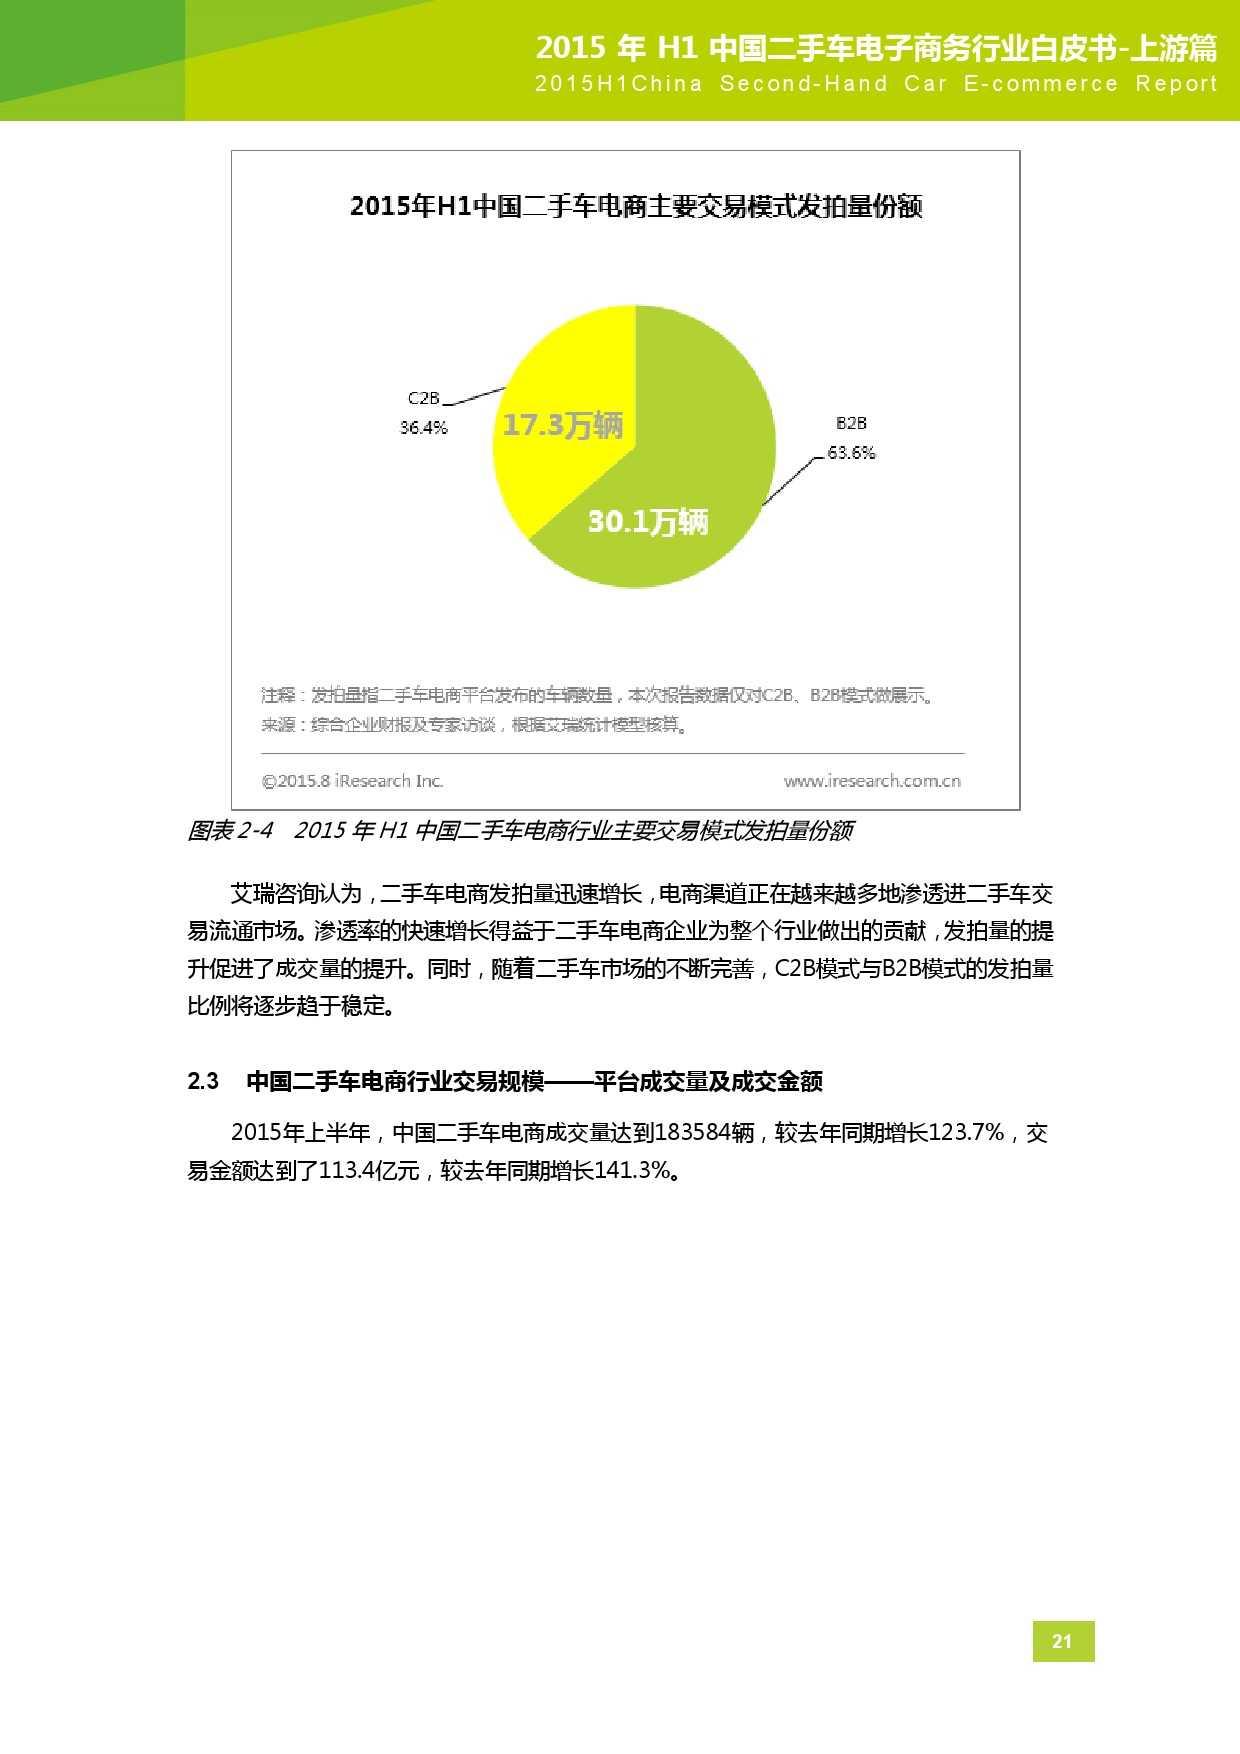 2015年中国二手车电子商务行业白皮书-上游篇_000022